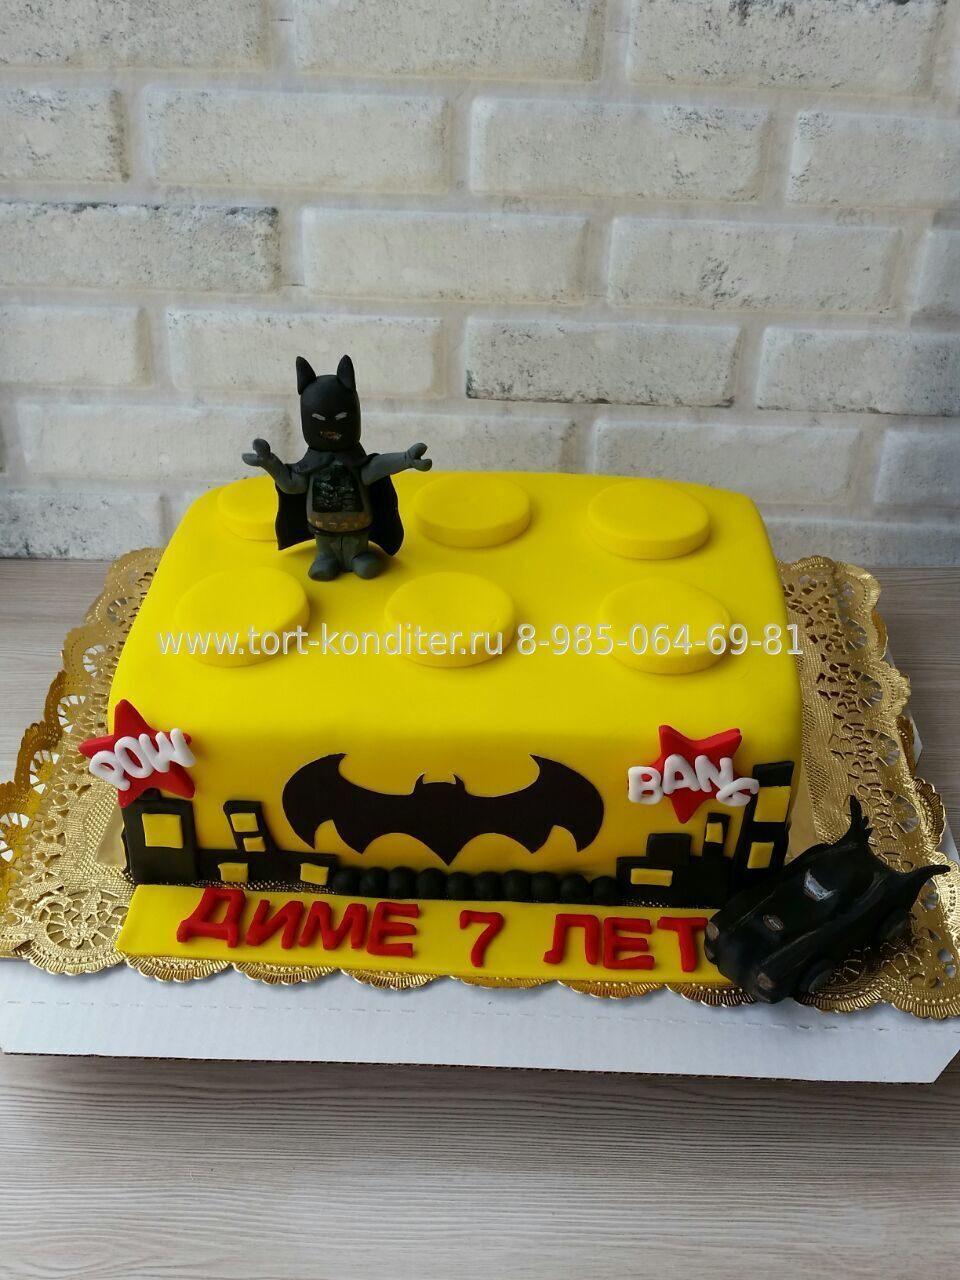 e66f679a8 Торт Лего | Детские торты на заказ в Москве недорого.Торты для ...